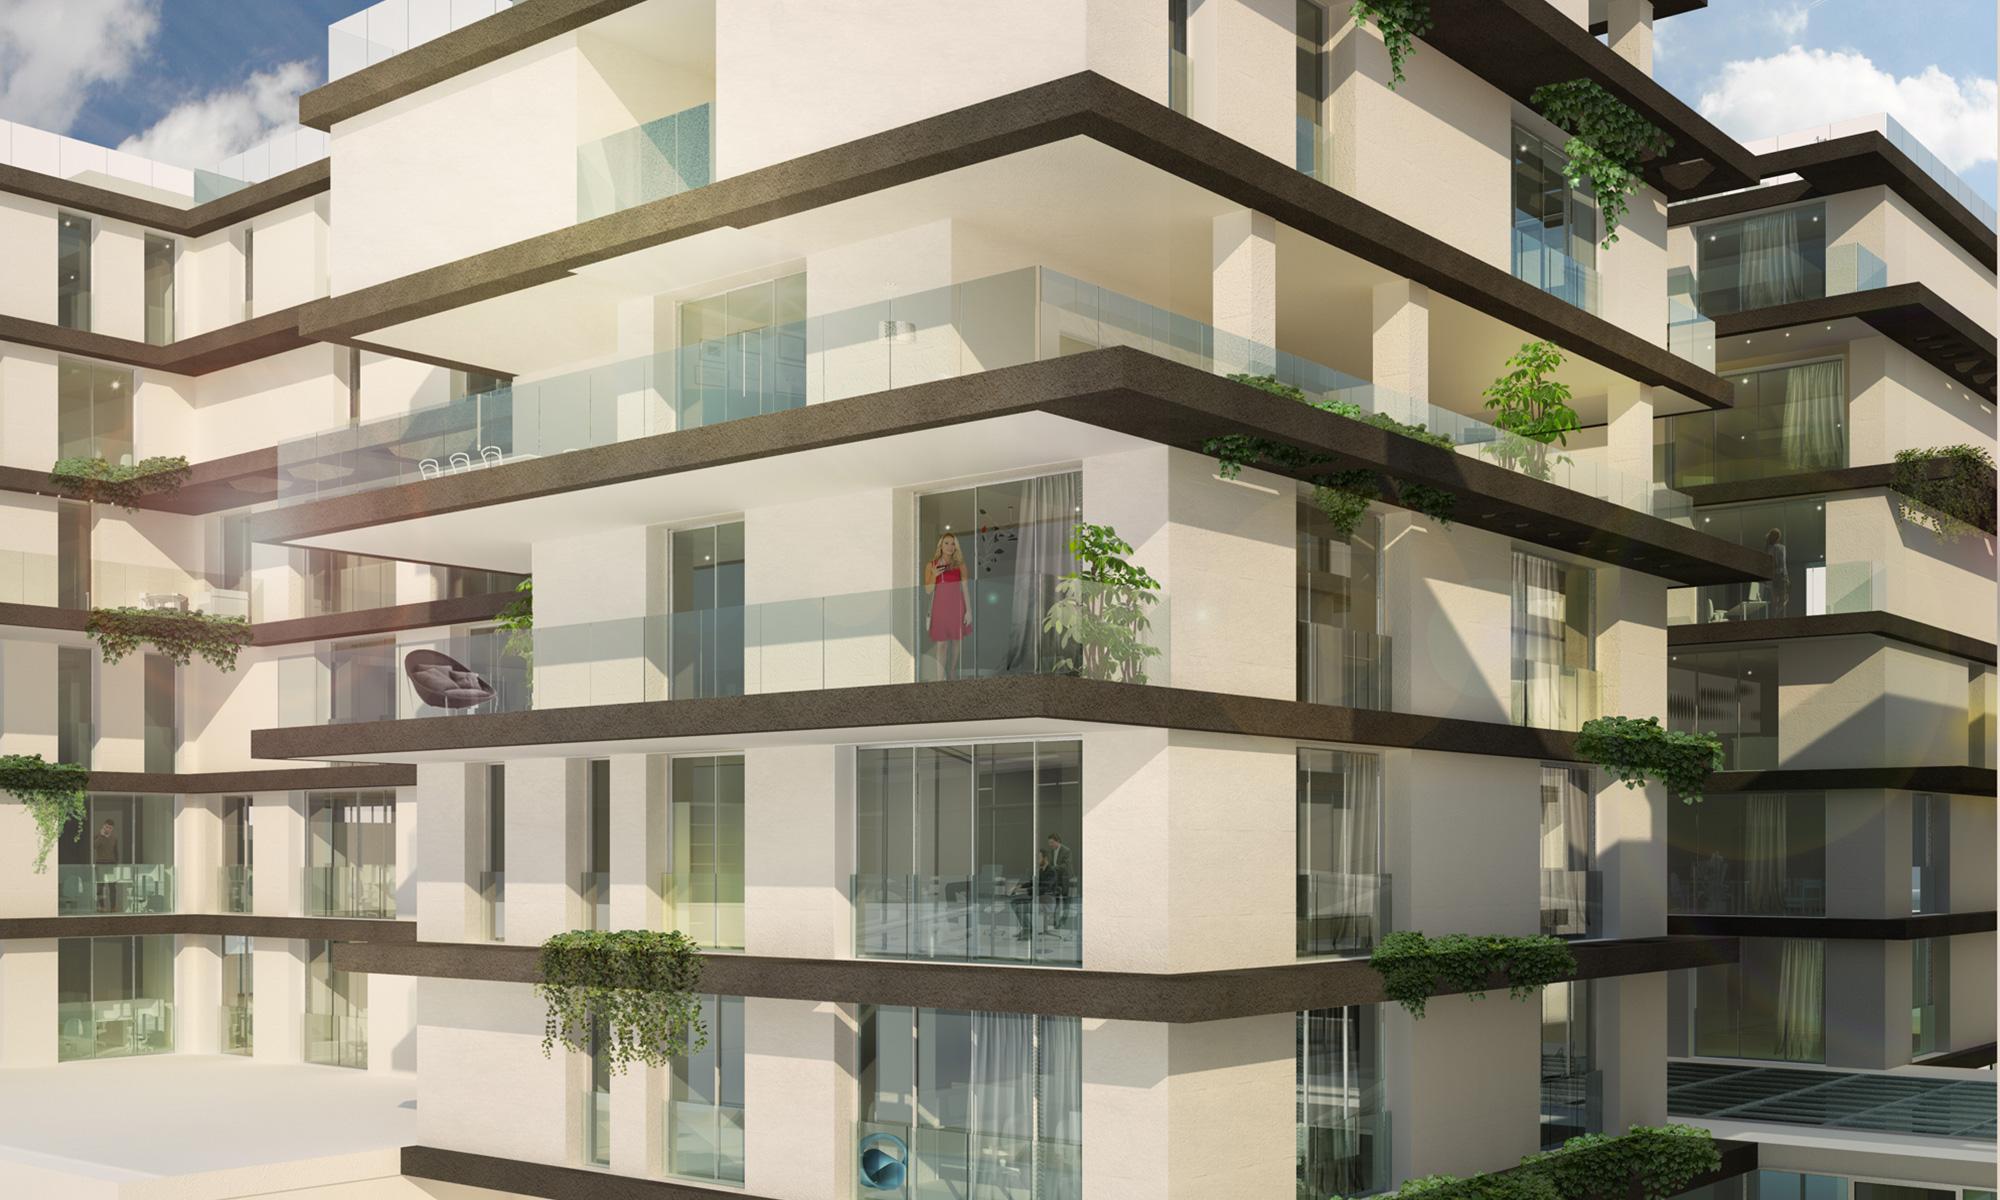 Ingegnere Ed Architetto Lucia Foroni, Via Lamarmora, Milano, Binini Partners, Società di architettura e ingegneria, Reggio Emilia, Italia